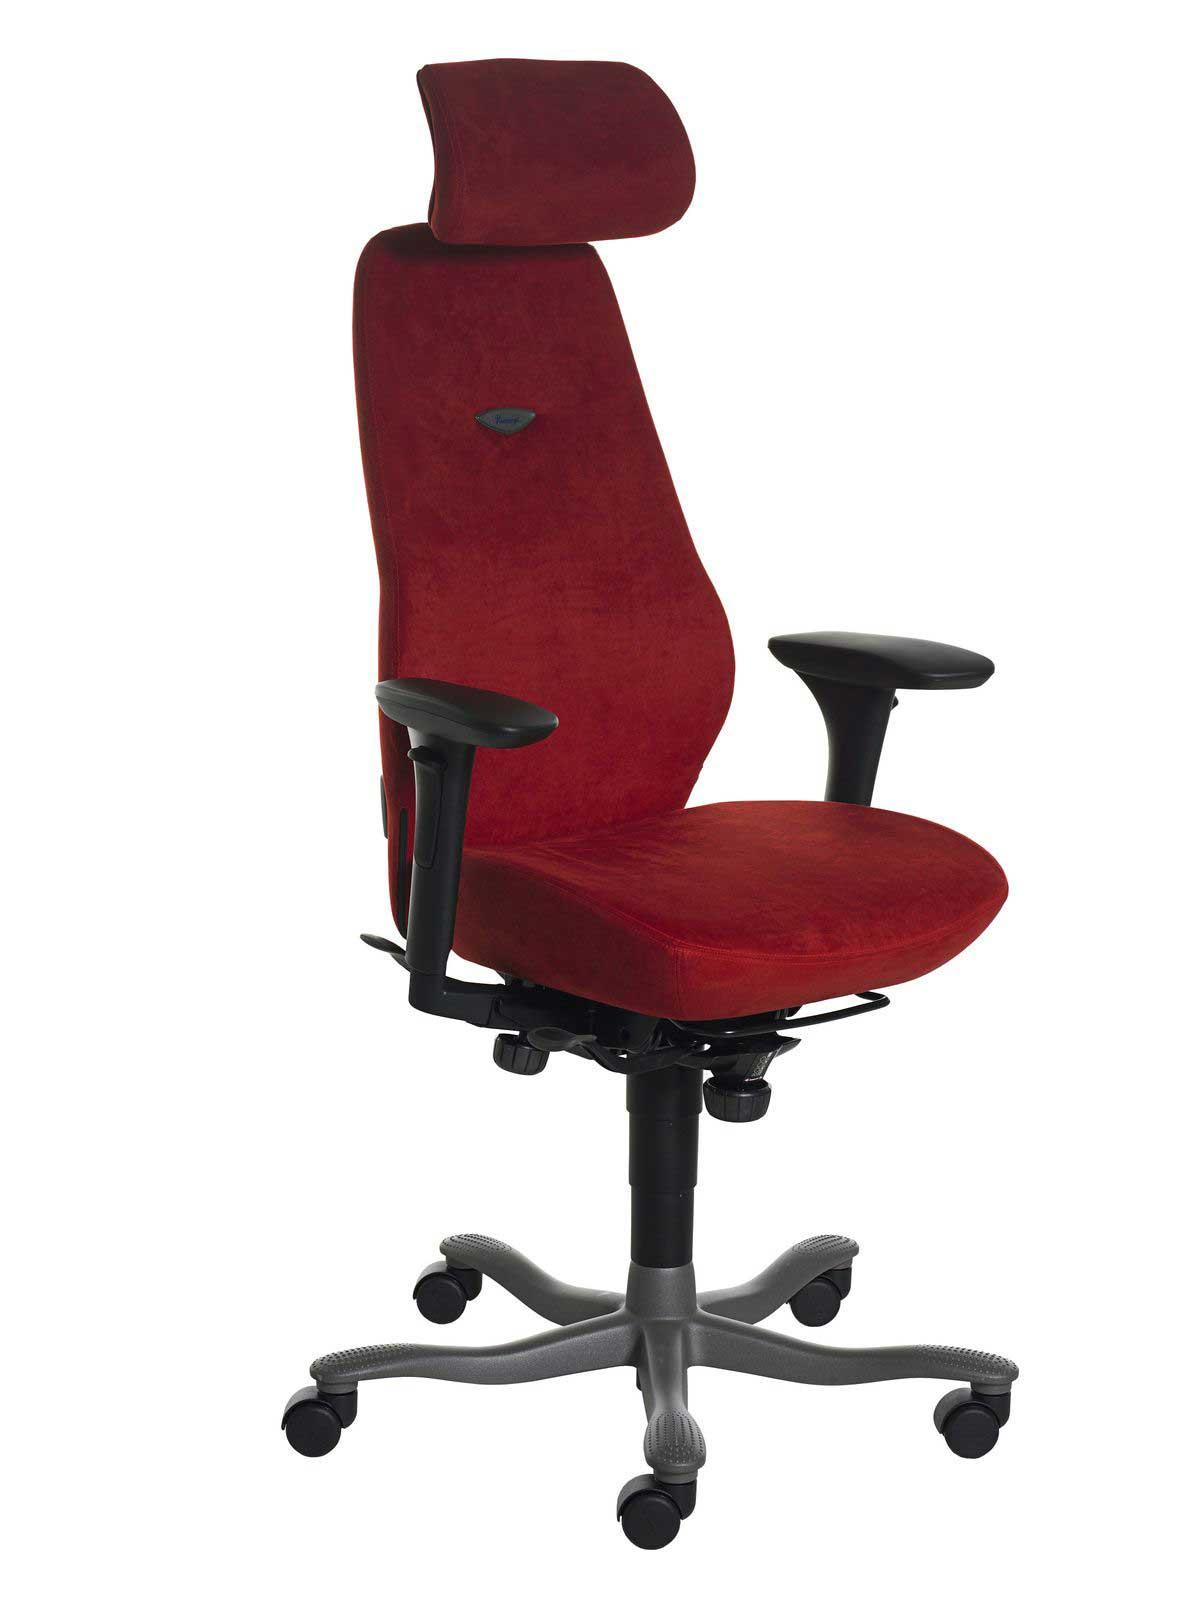 Kinnarp tall ergonomic desk chairs